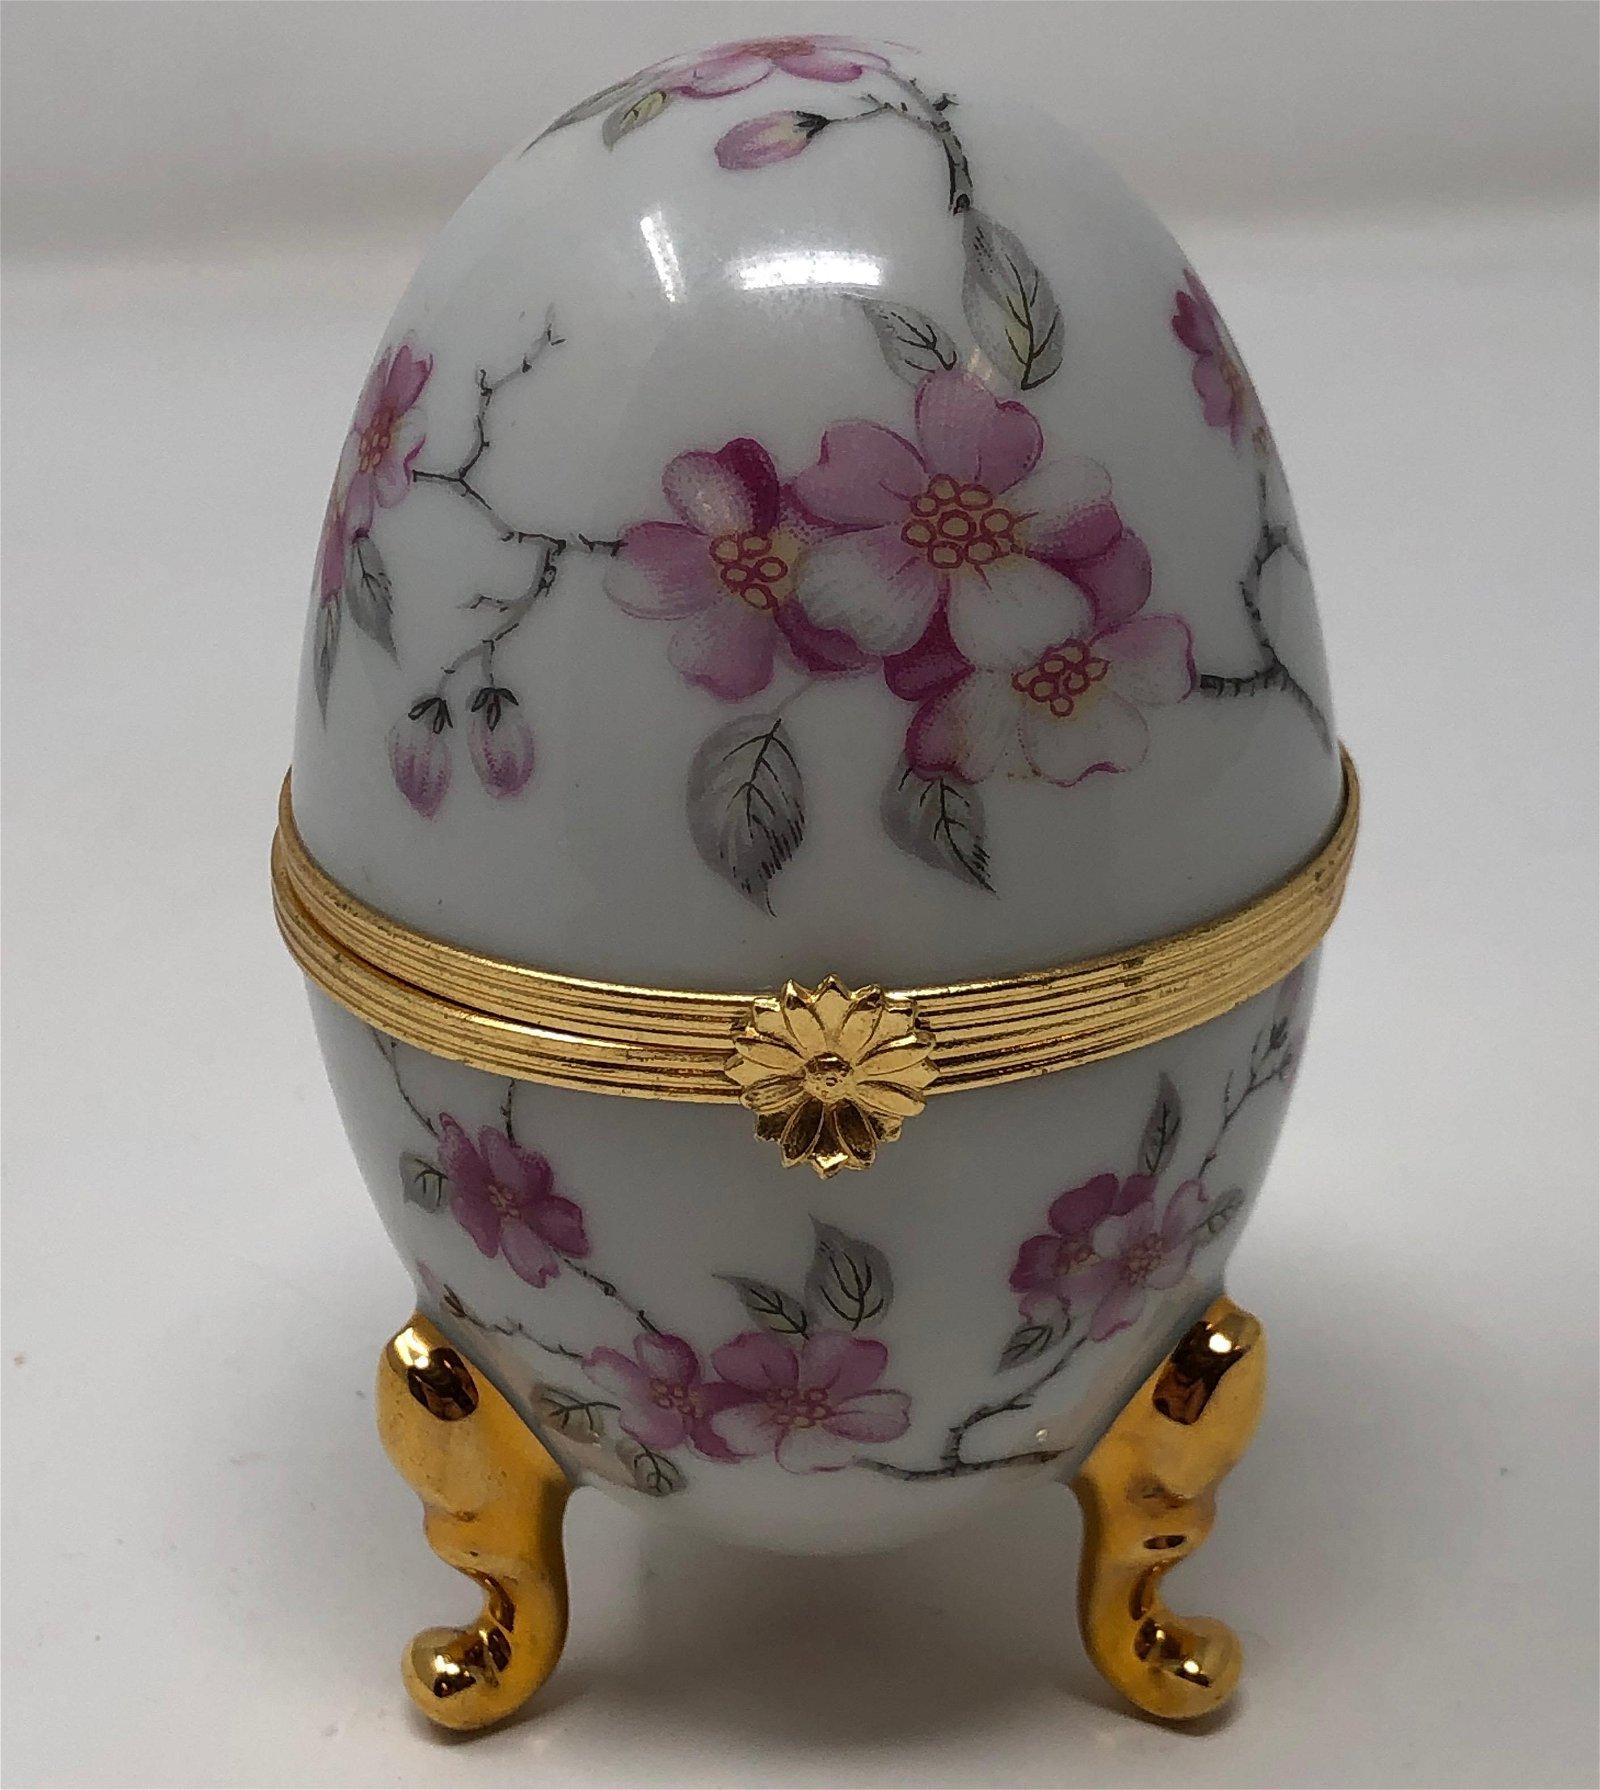 Vintage Limoges France Footed Egg Trinket Box